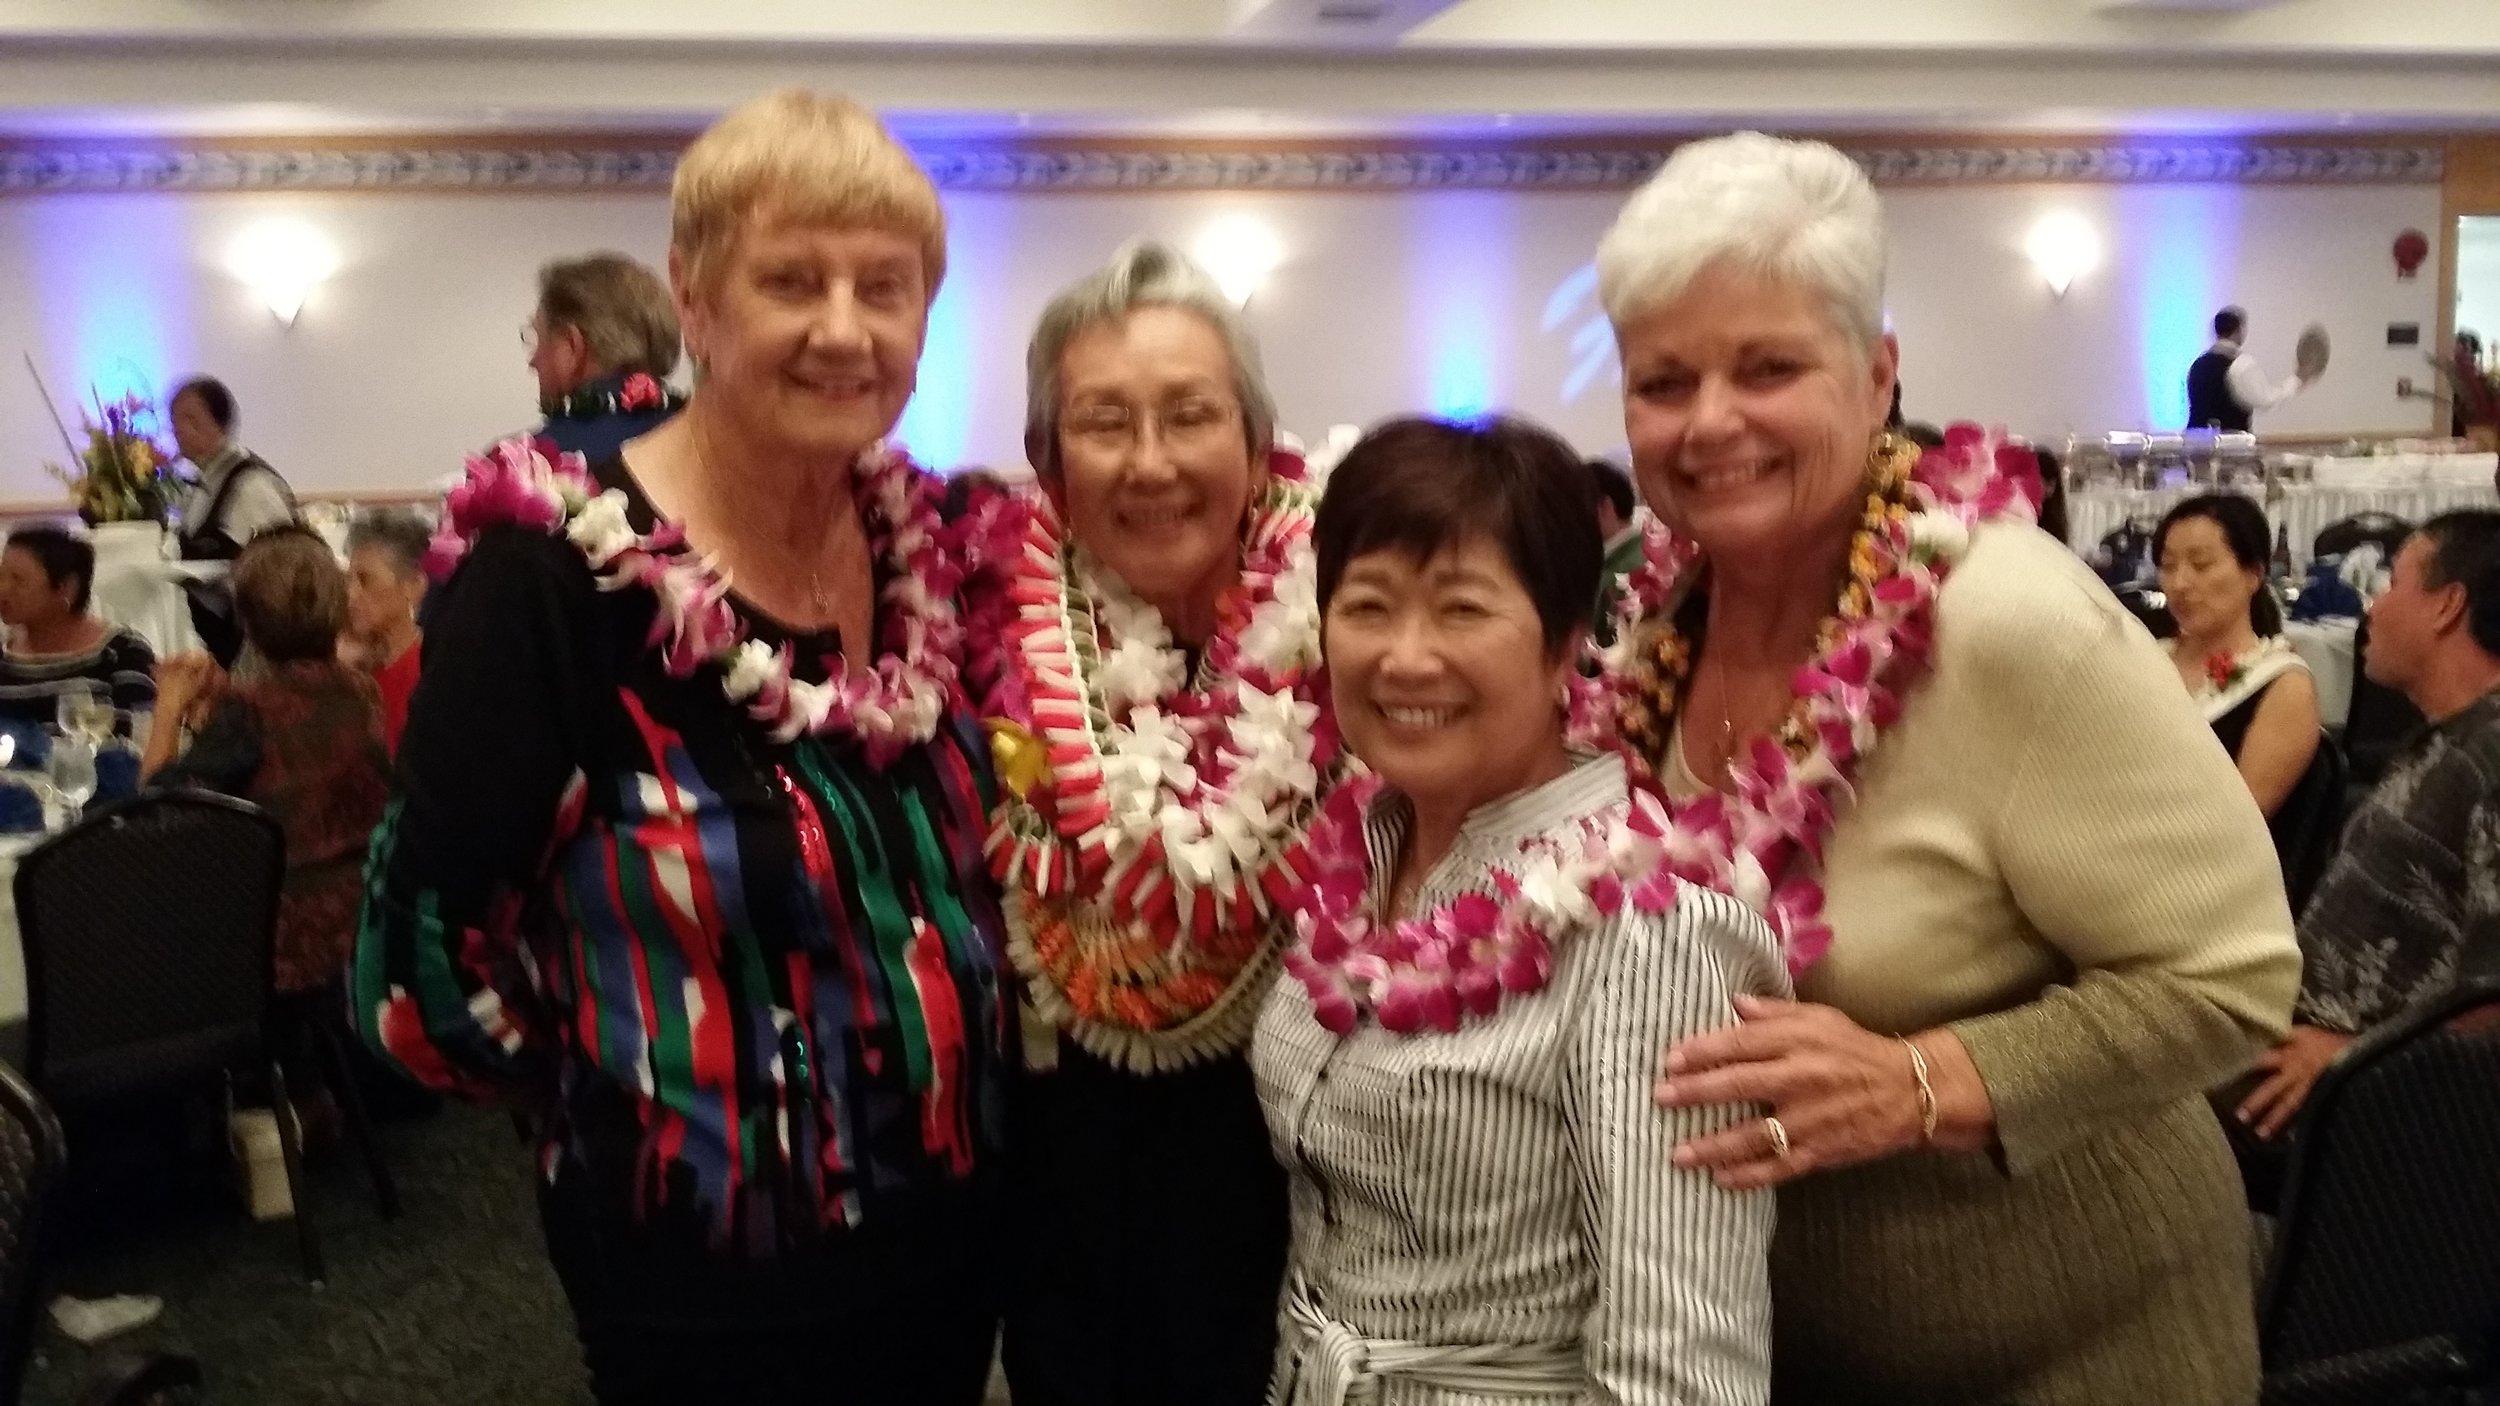 Sally Harper (Volunteer 2011), Grace Wilson (Volunteer 2013, Sheila Kim (Volunteer 2010) and Marcia Lee (Volunteer 2012).